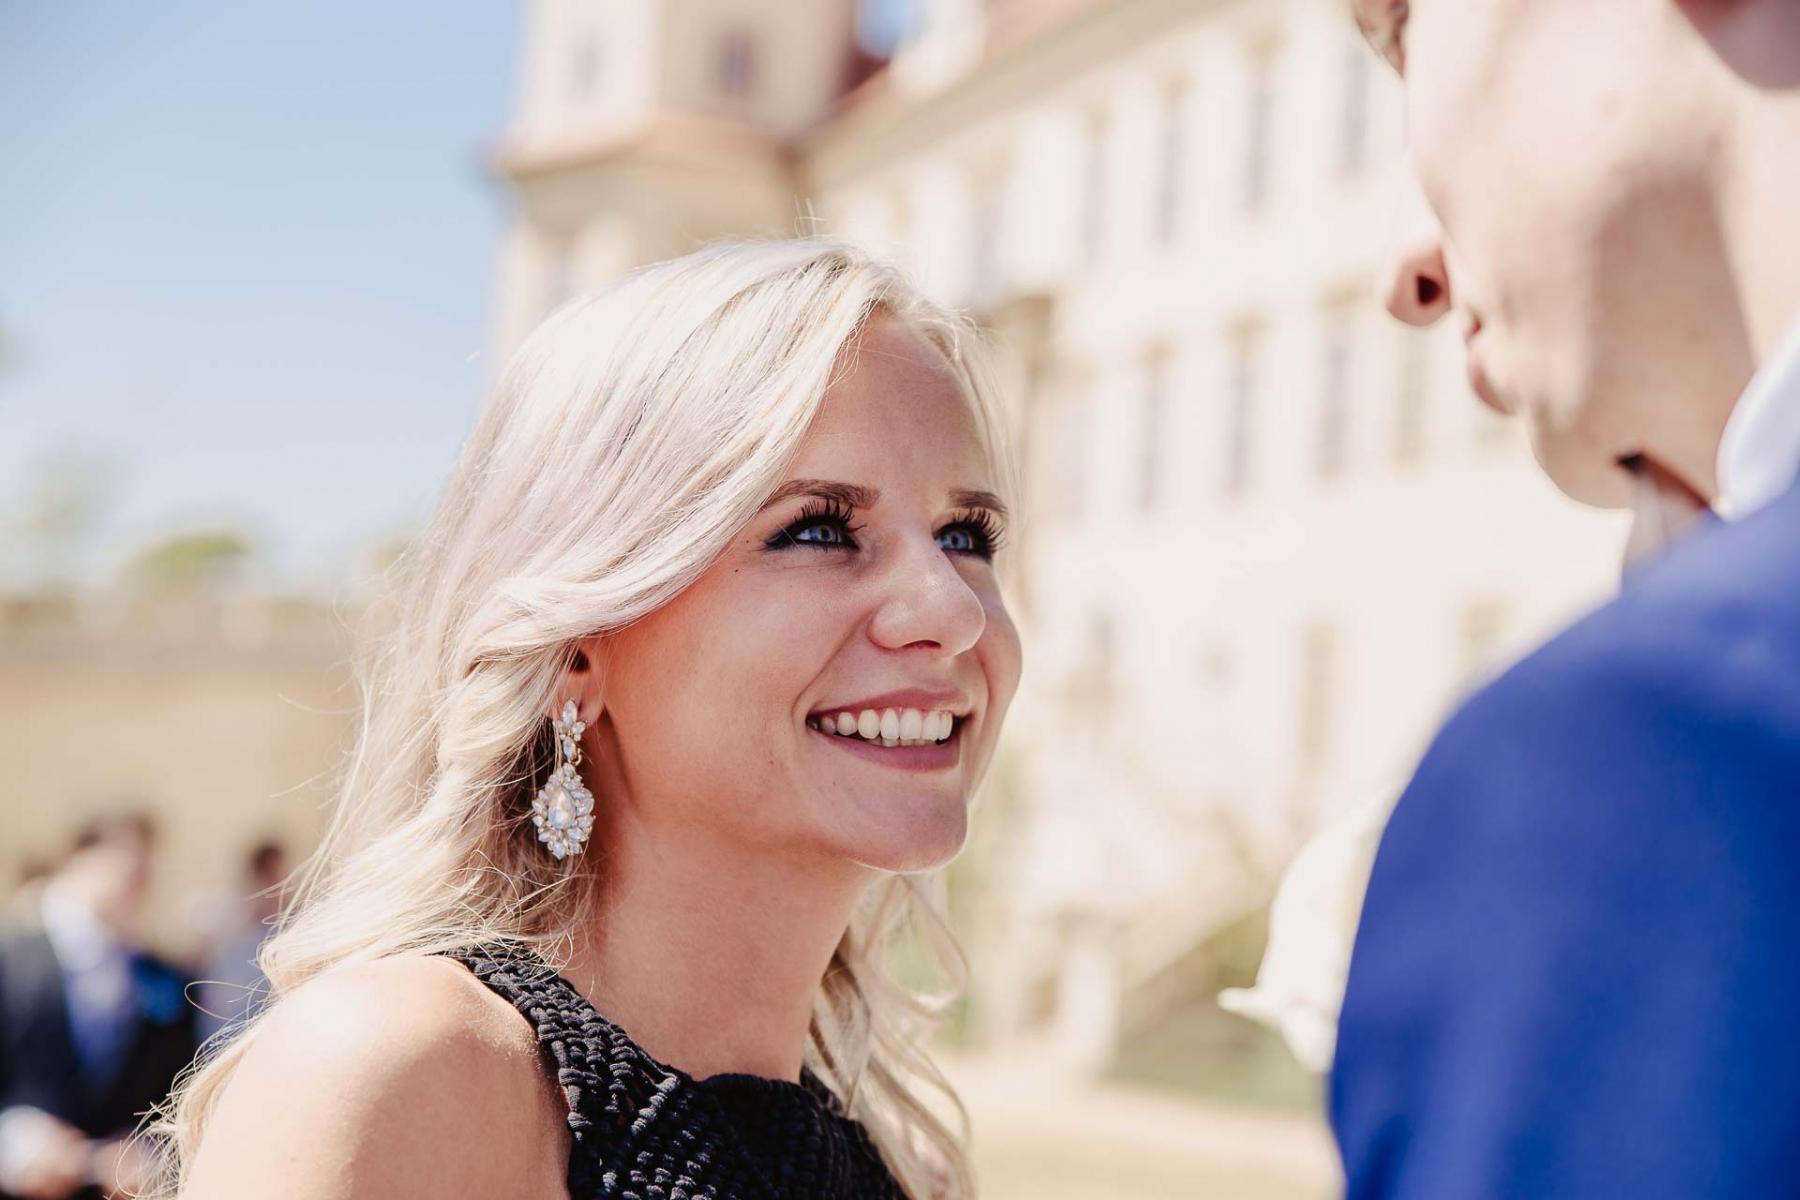 svatební fotograf zámek Mníšek pod Brdy, svatba na zámku, letní nejkrásnější zámecká svatba, Bára a Ondra-69